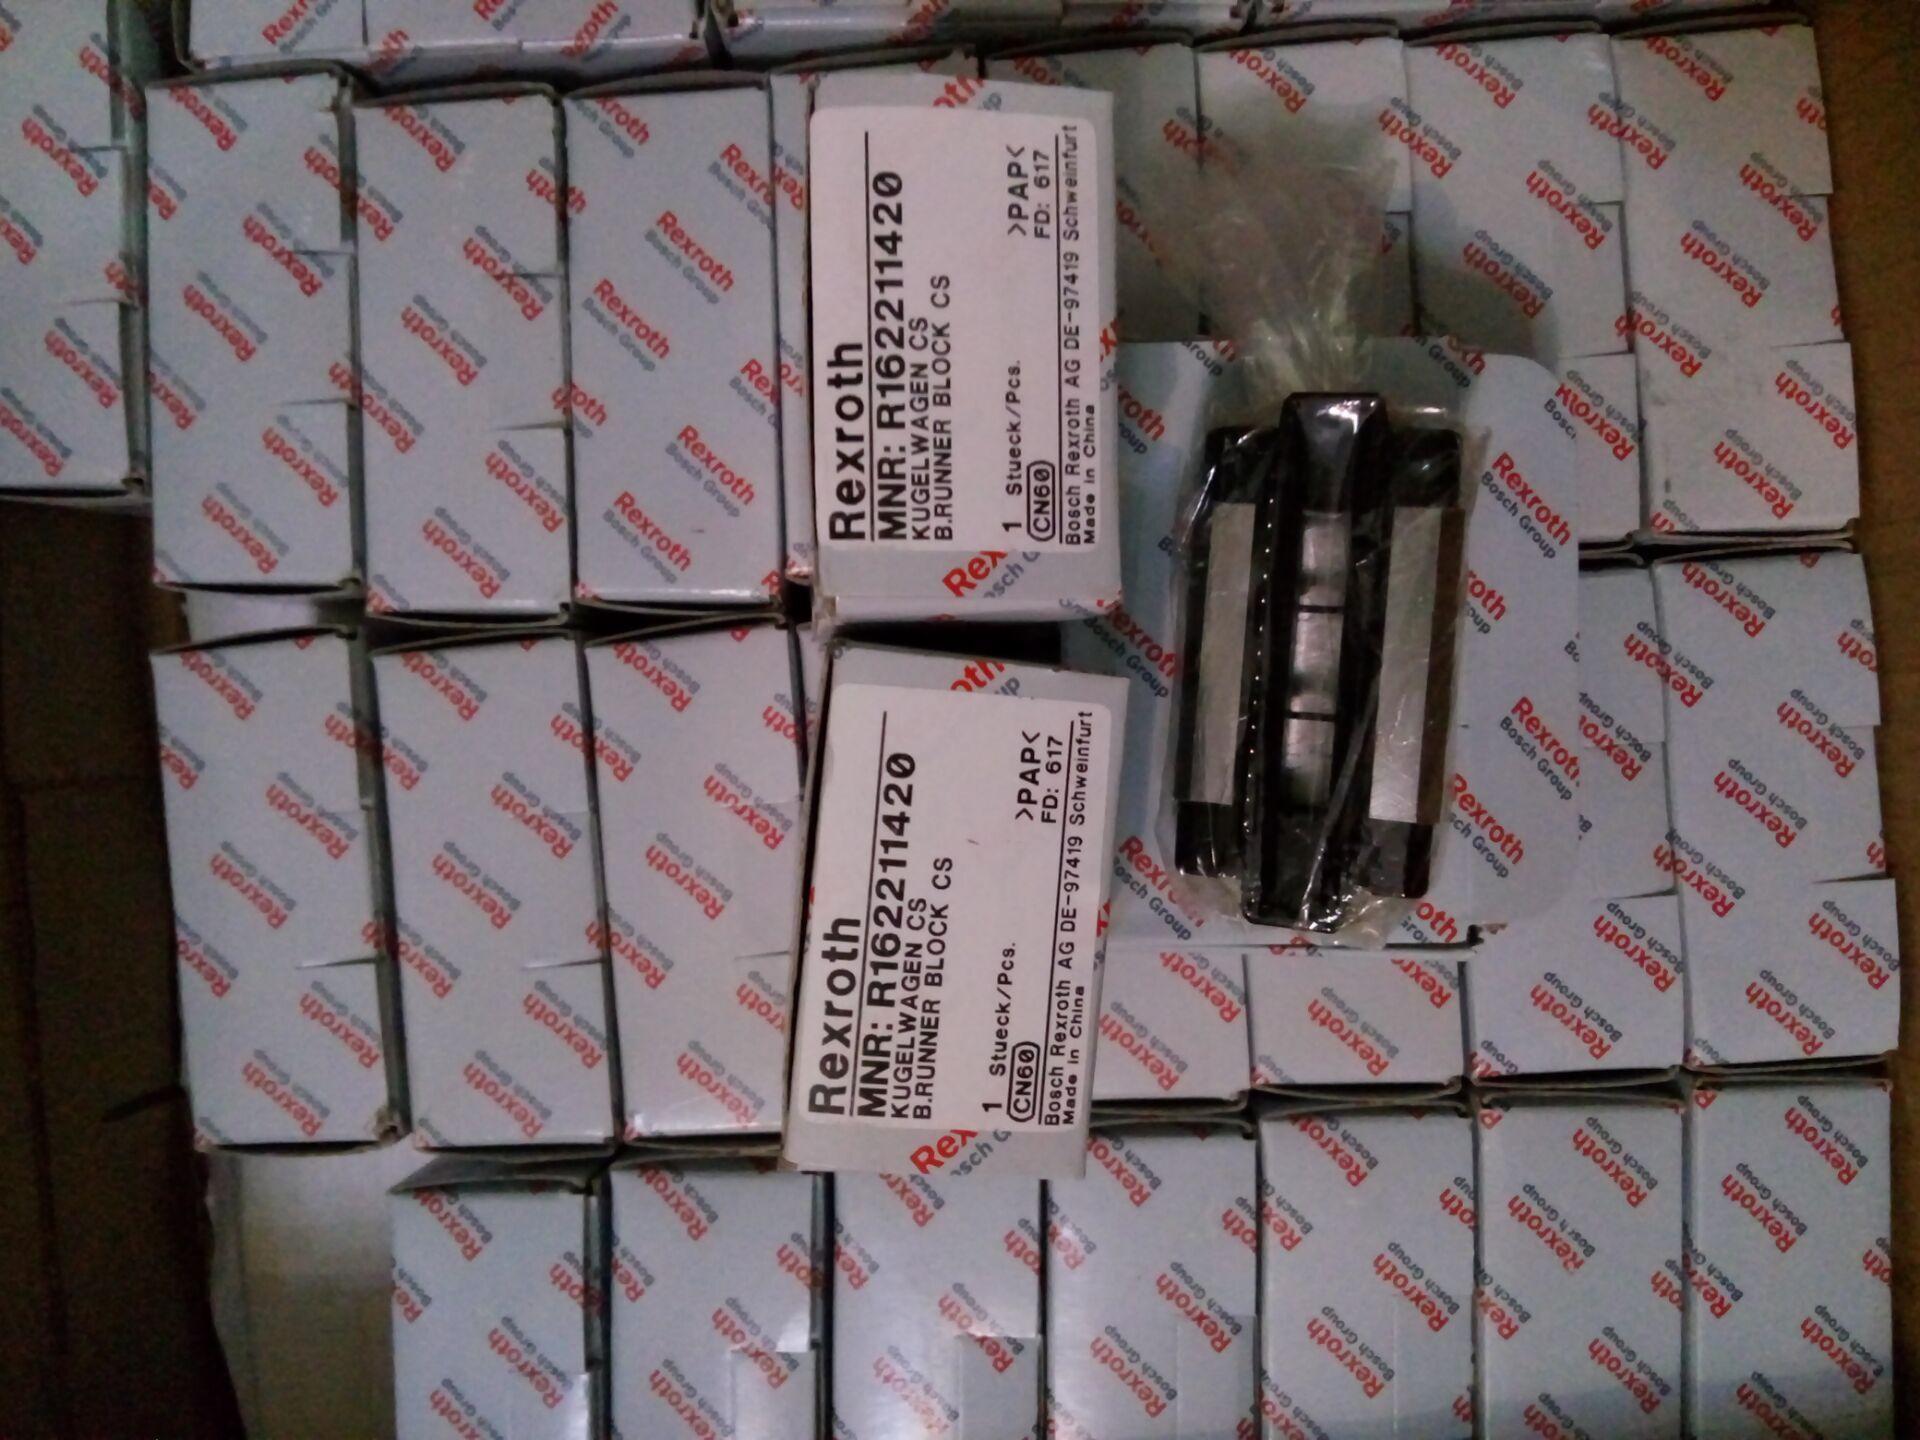 선형 베어링 Rexroth Runner 블록 R162211420 고 강성 선형 가이드 세트 선형 러너 블록 레일 슬라이더